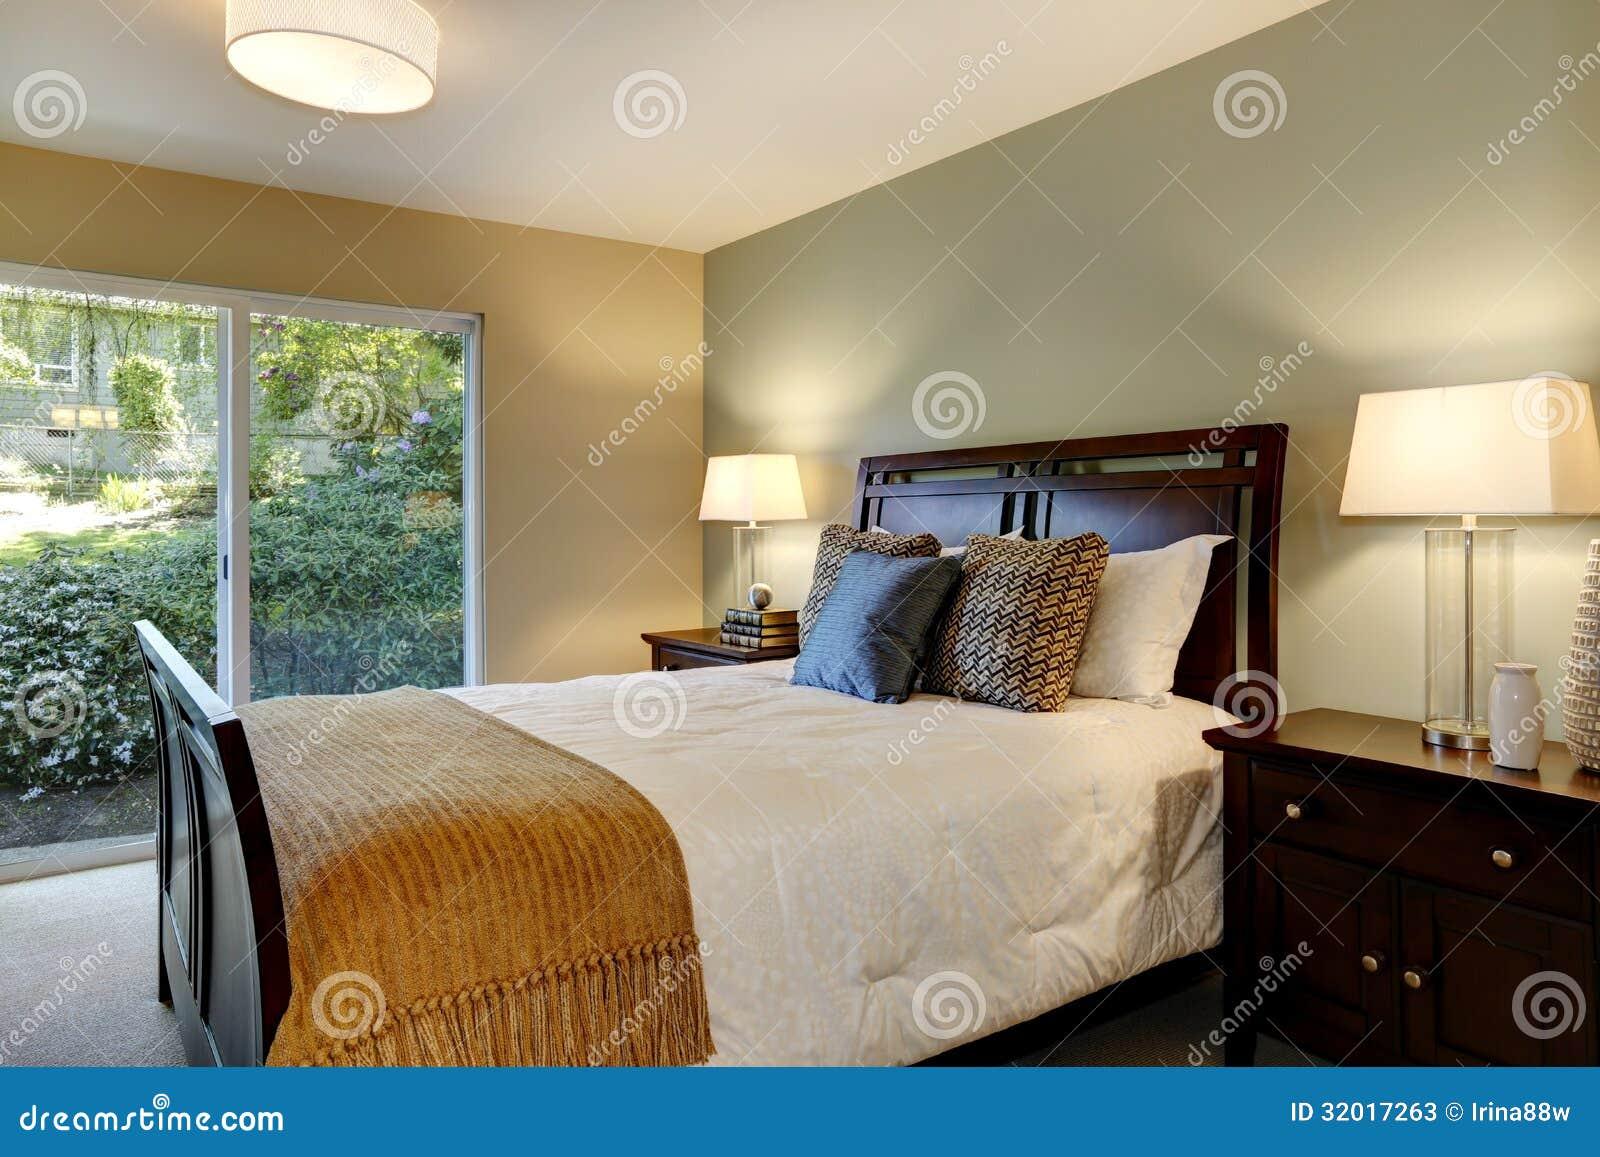 https://thumbs.dreamstime.com/z/moderne-kalme-slaapkamer-met-groene-muur-en-grote-deur-aan-de-tuin-32017263.jpg